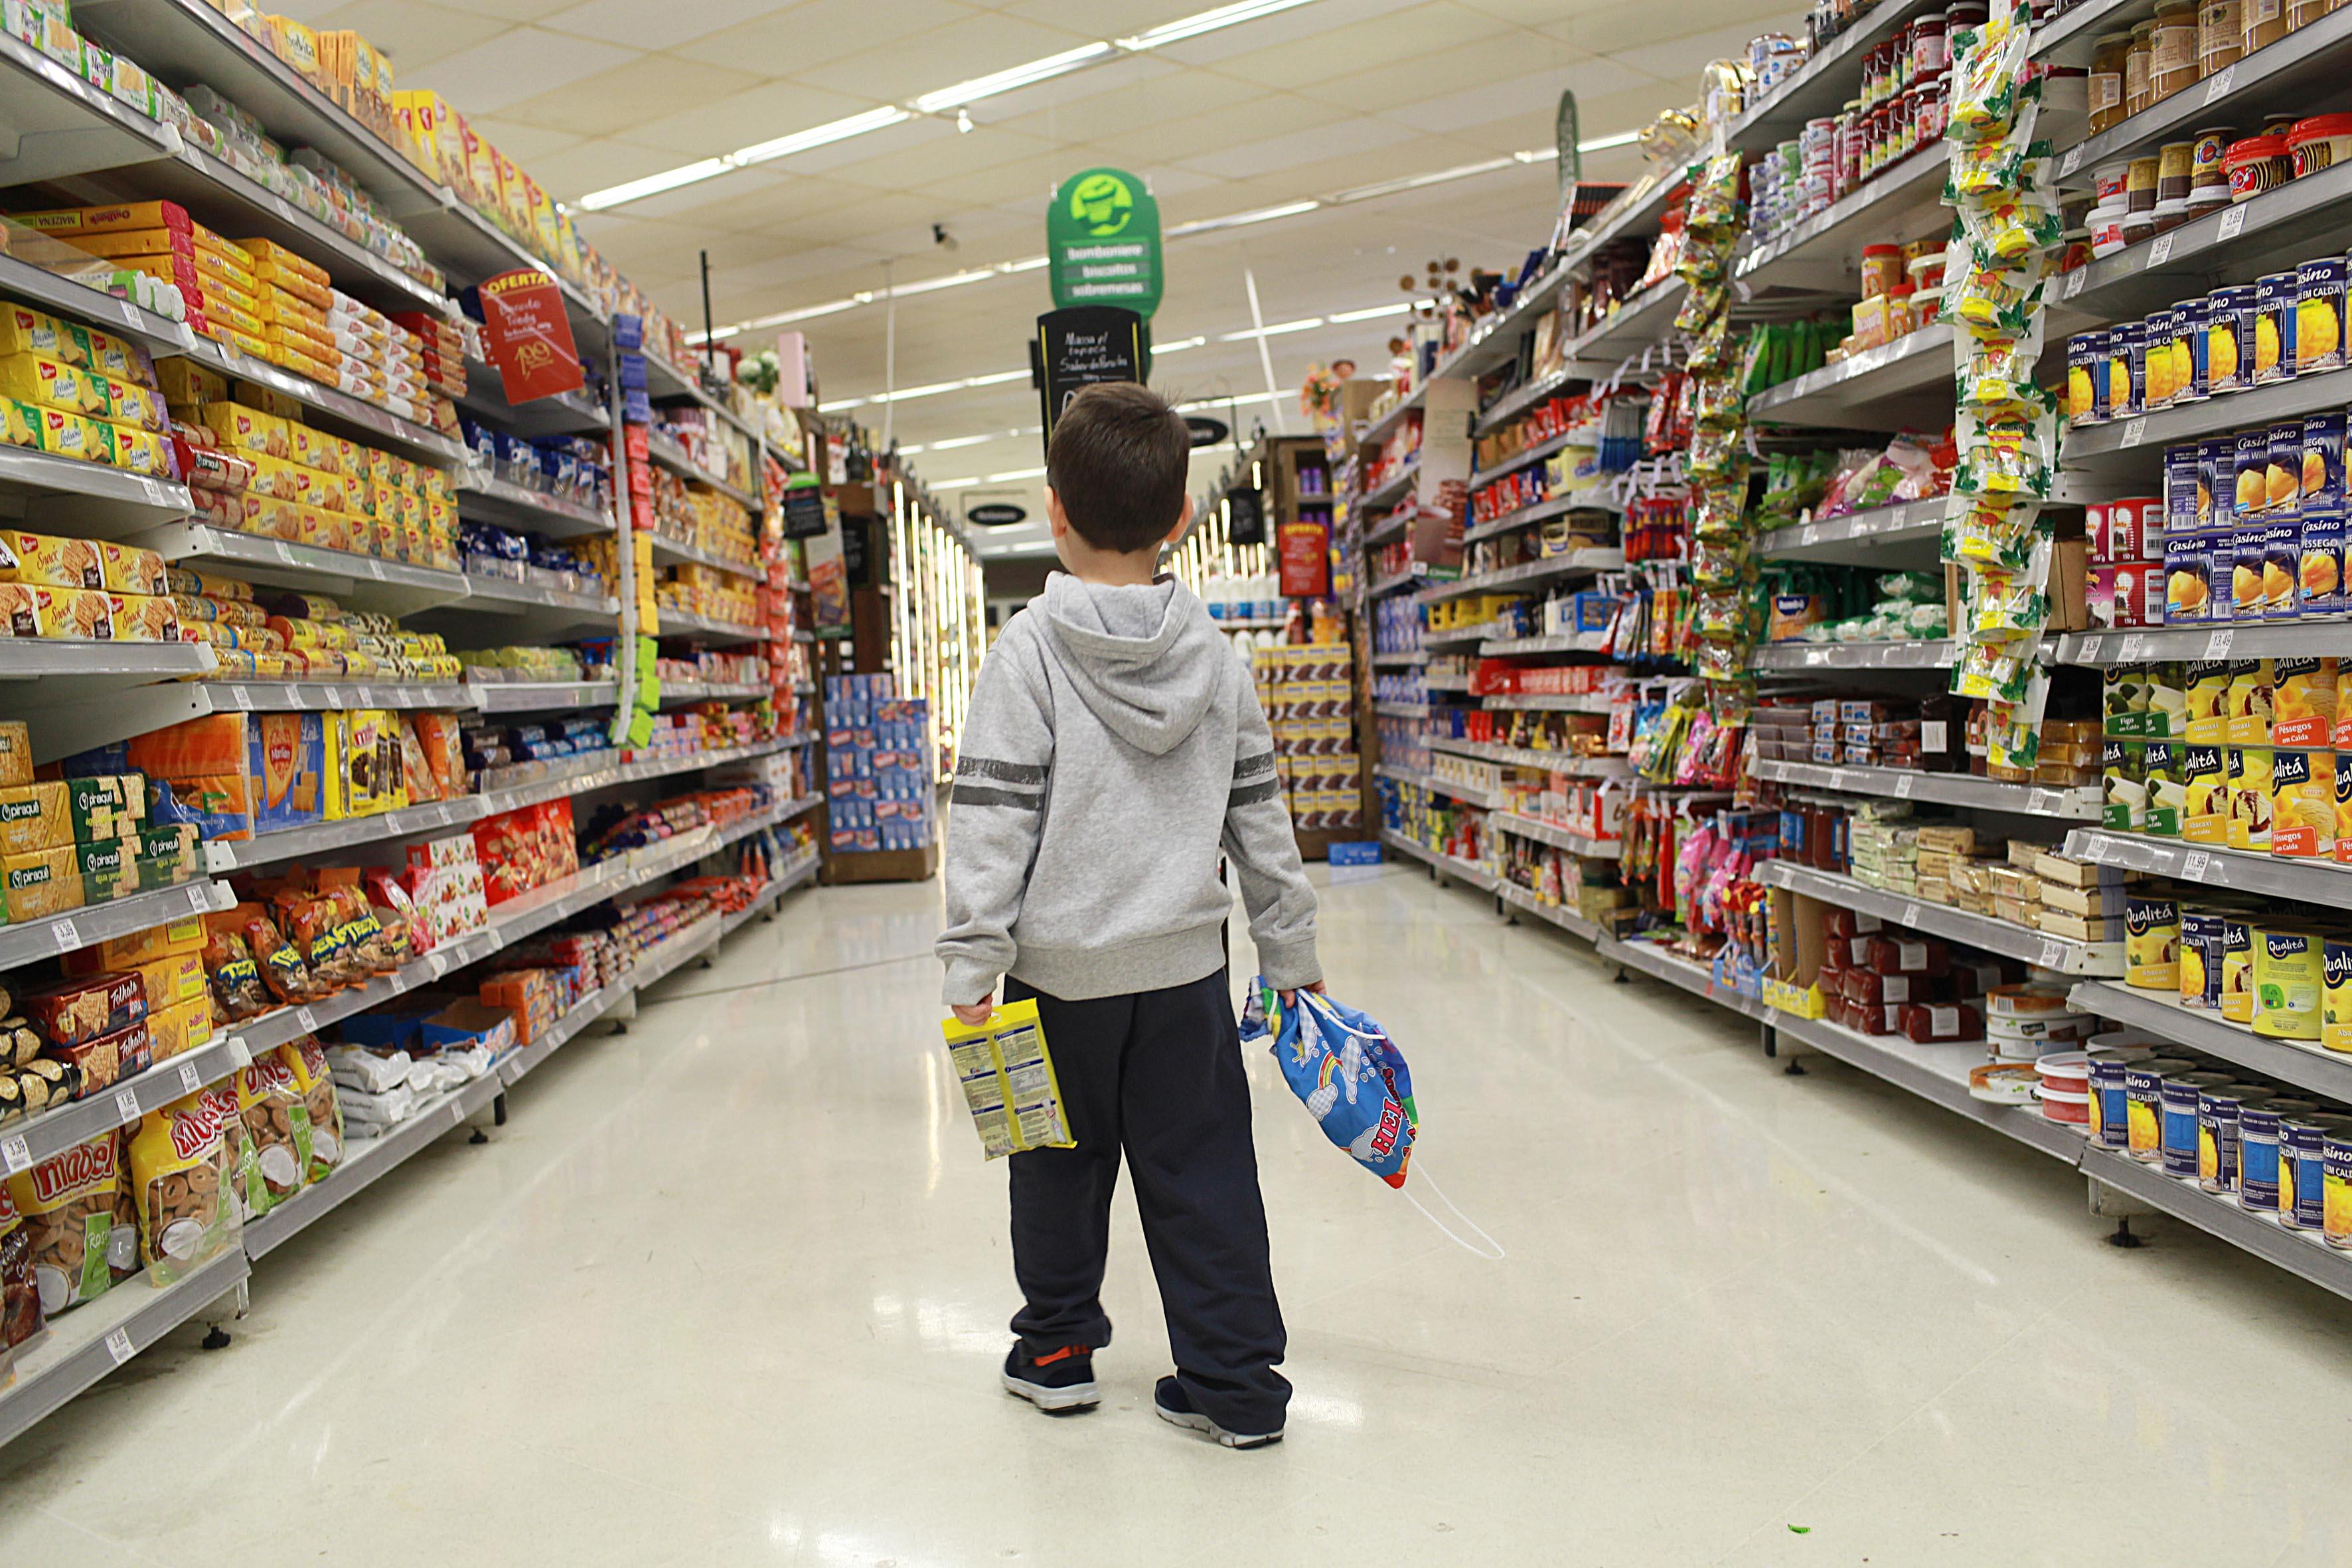 Criança em corredor de mercado com várias propagandas (Foto: Mães de Peito)